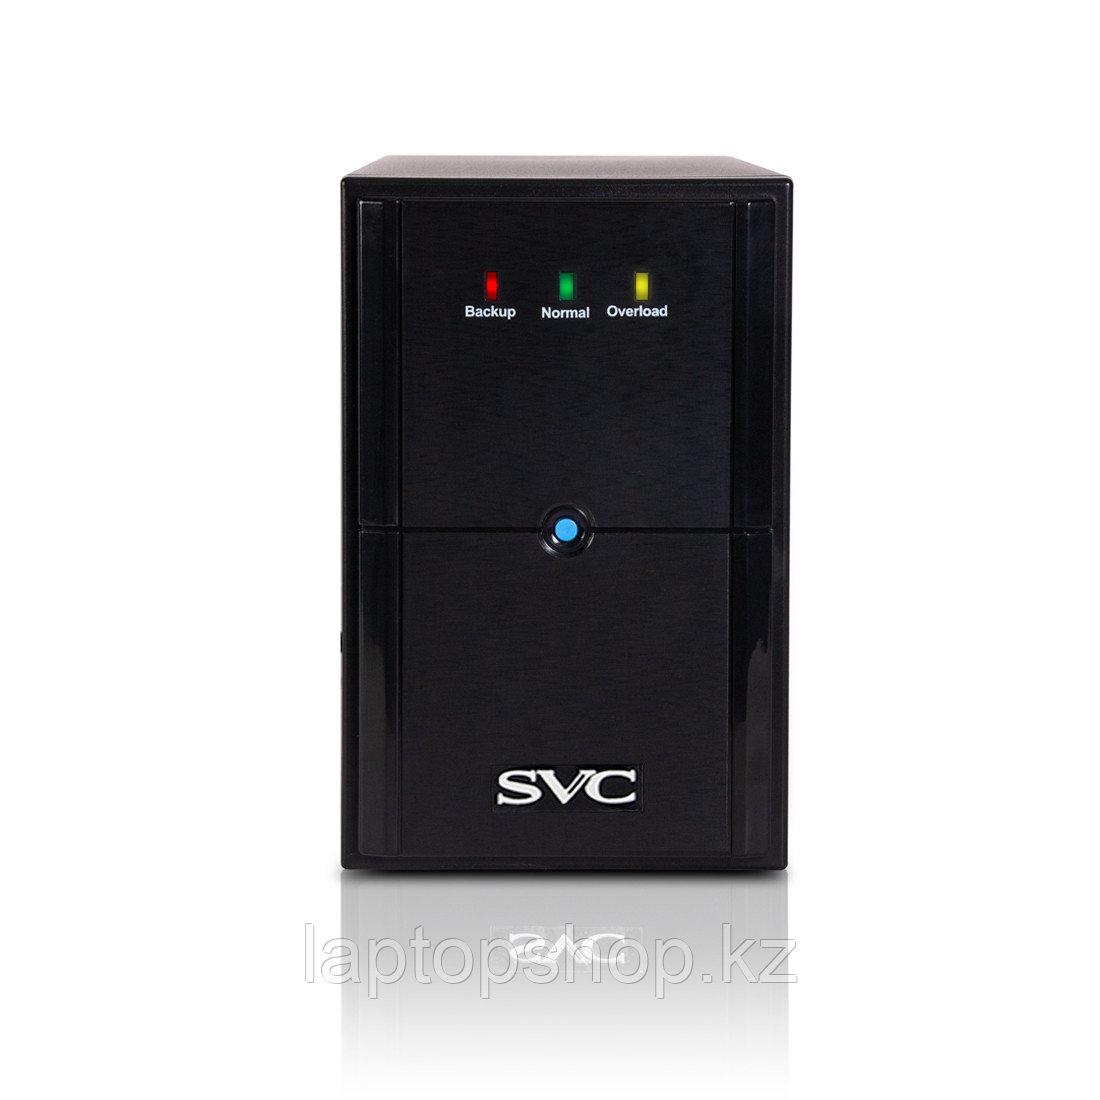 Источник бесперебойного питания SVC V-2000-L, Мощность 2000ВА/1200Вт